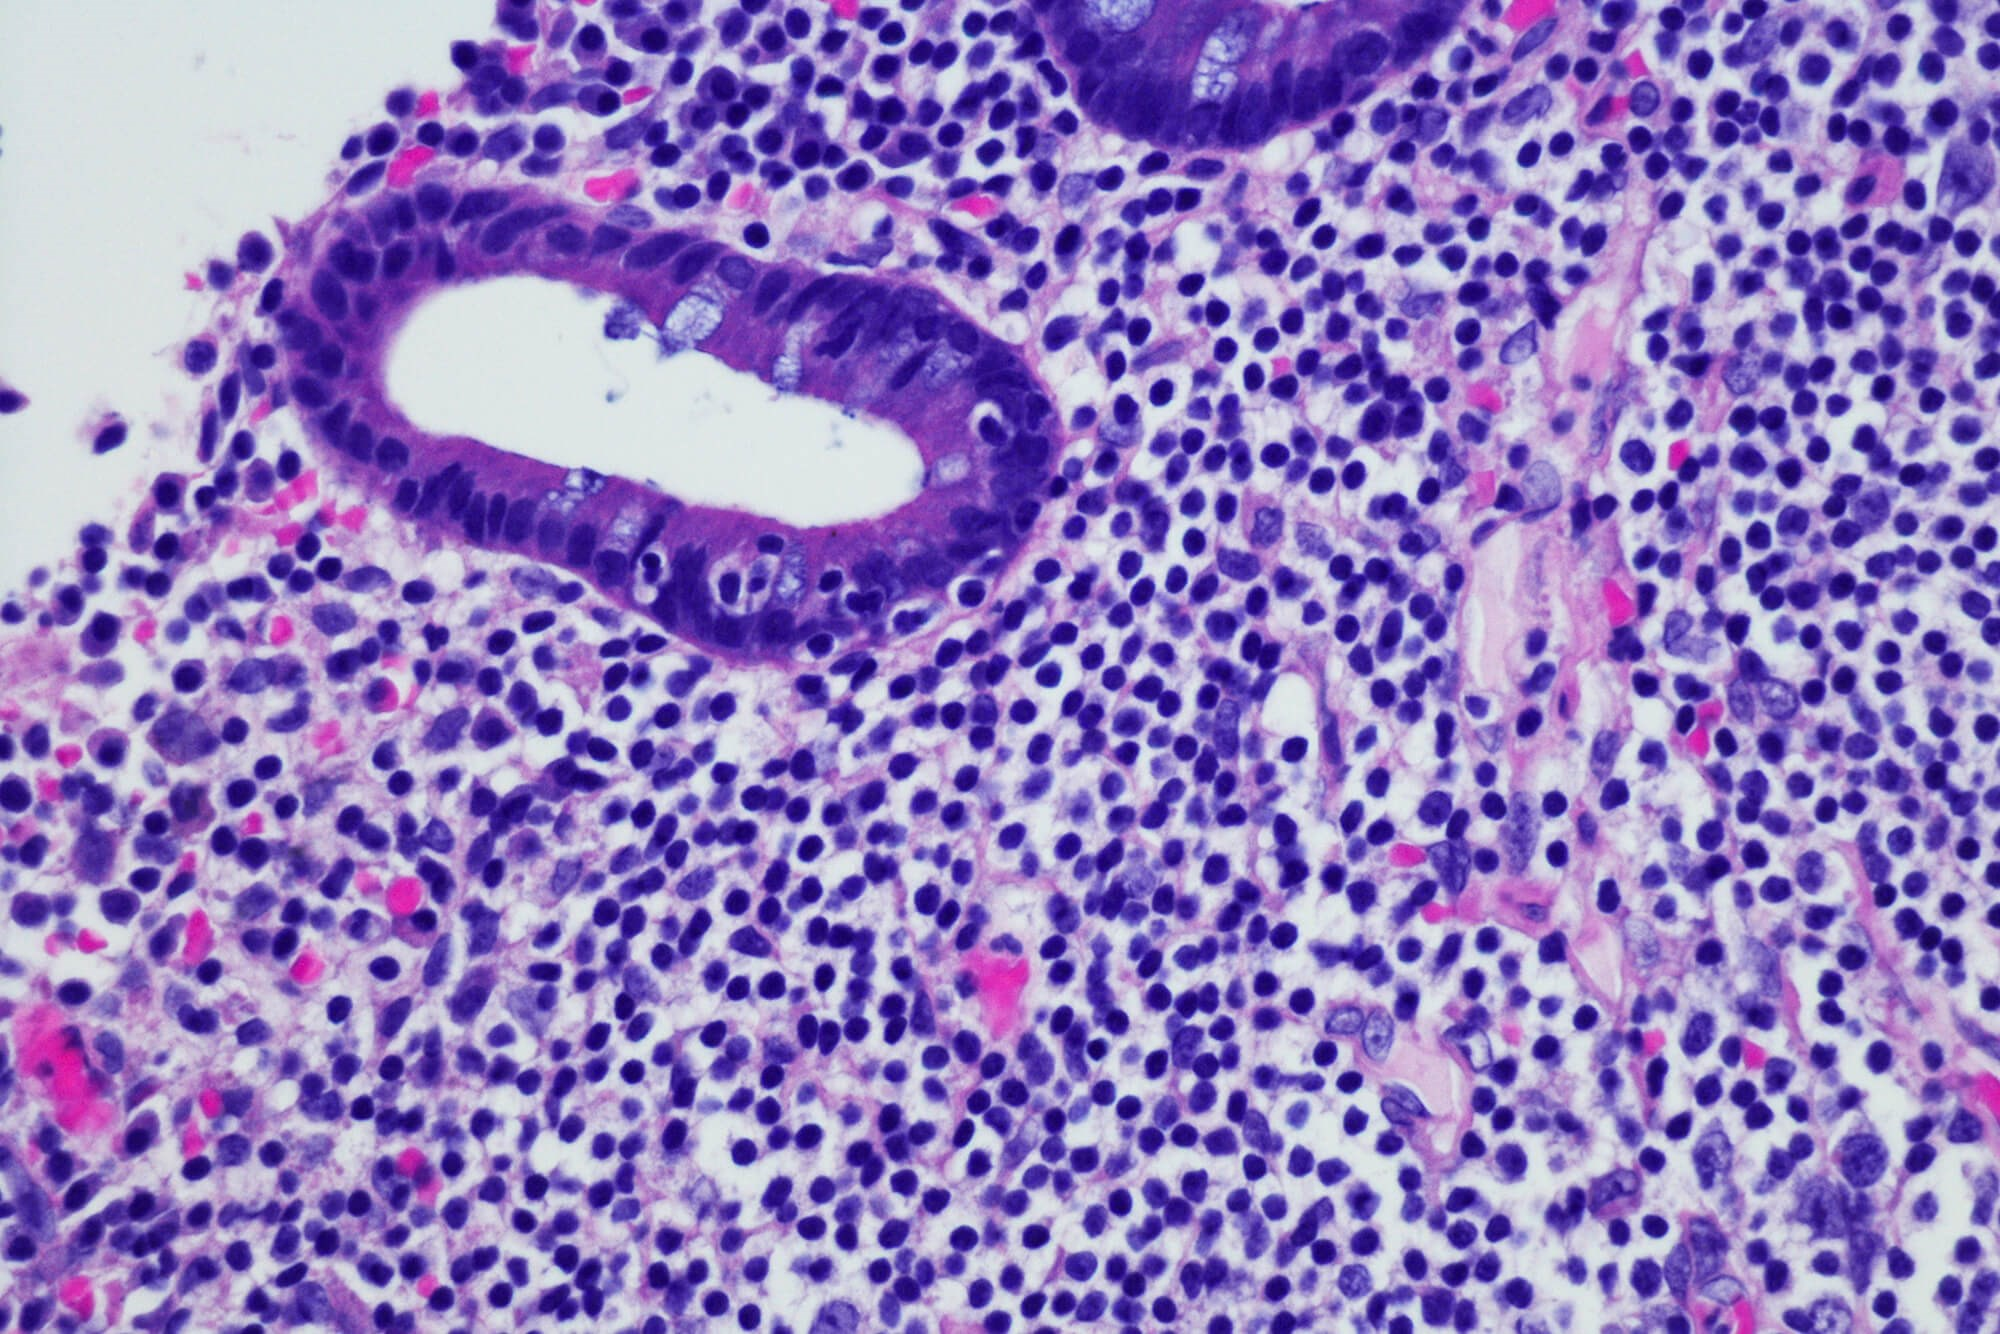 A subset of marginal zone lymphomas transform into higher-grade lymphomas.